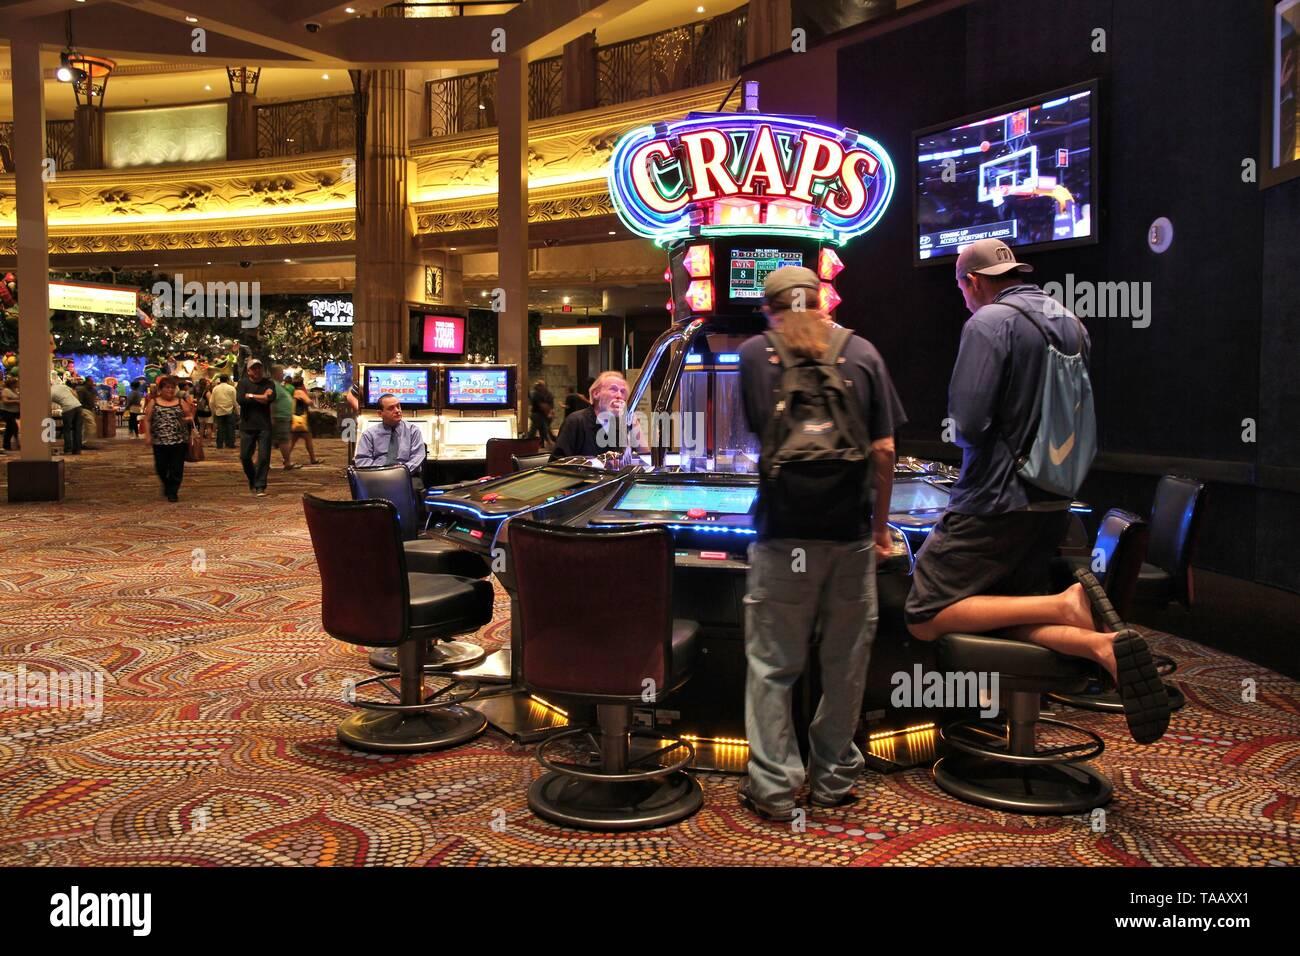 Best casino resort in phoenix area